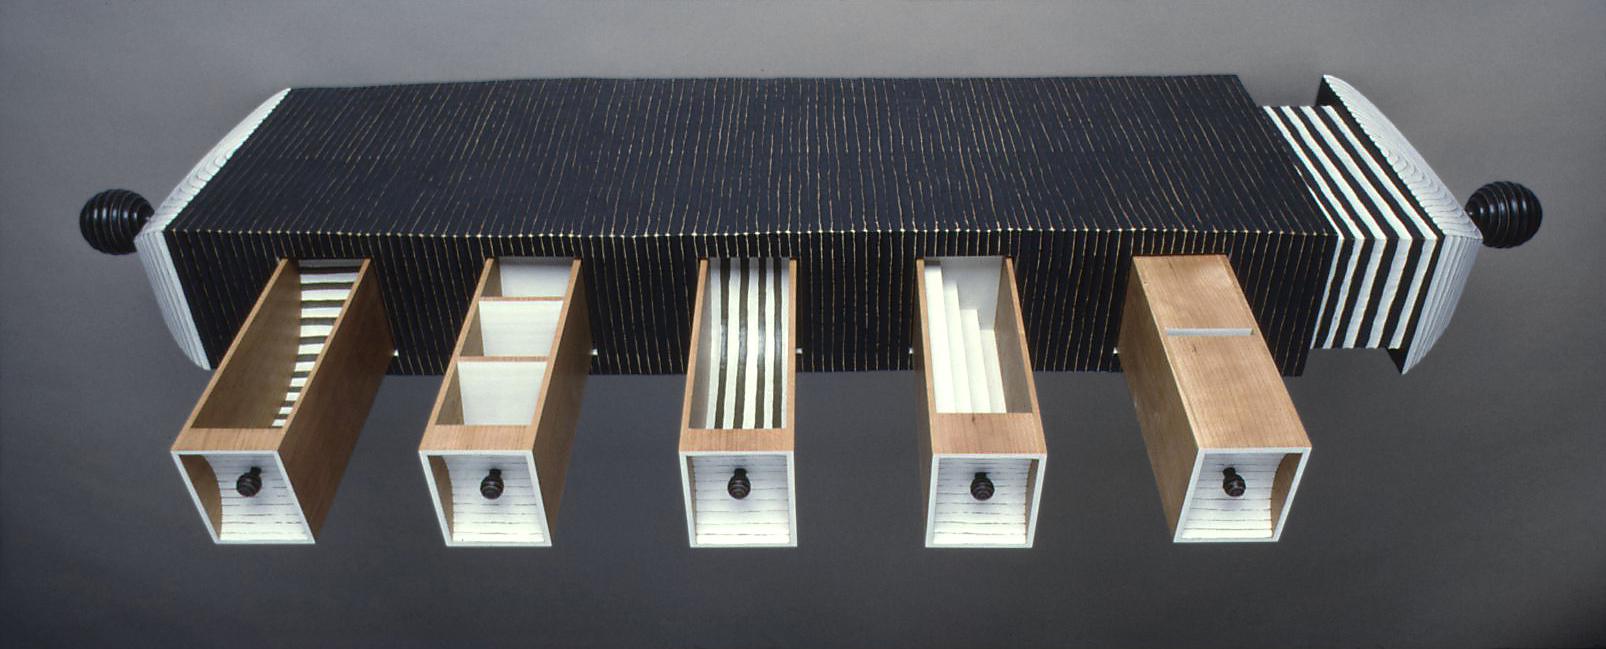 10 Little Boxes I 1992 I wood, paint I 10x 55 x 13